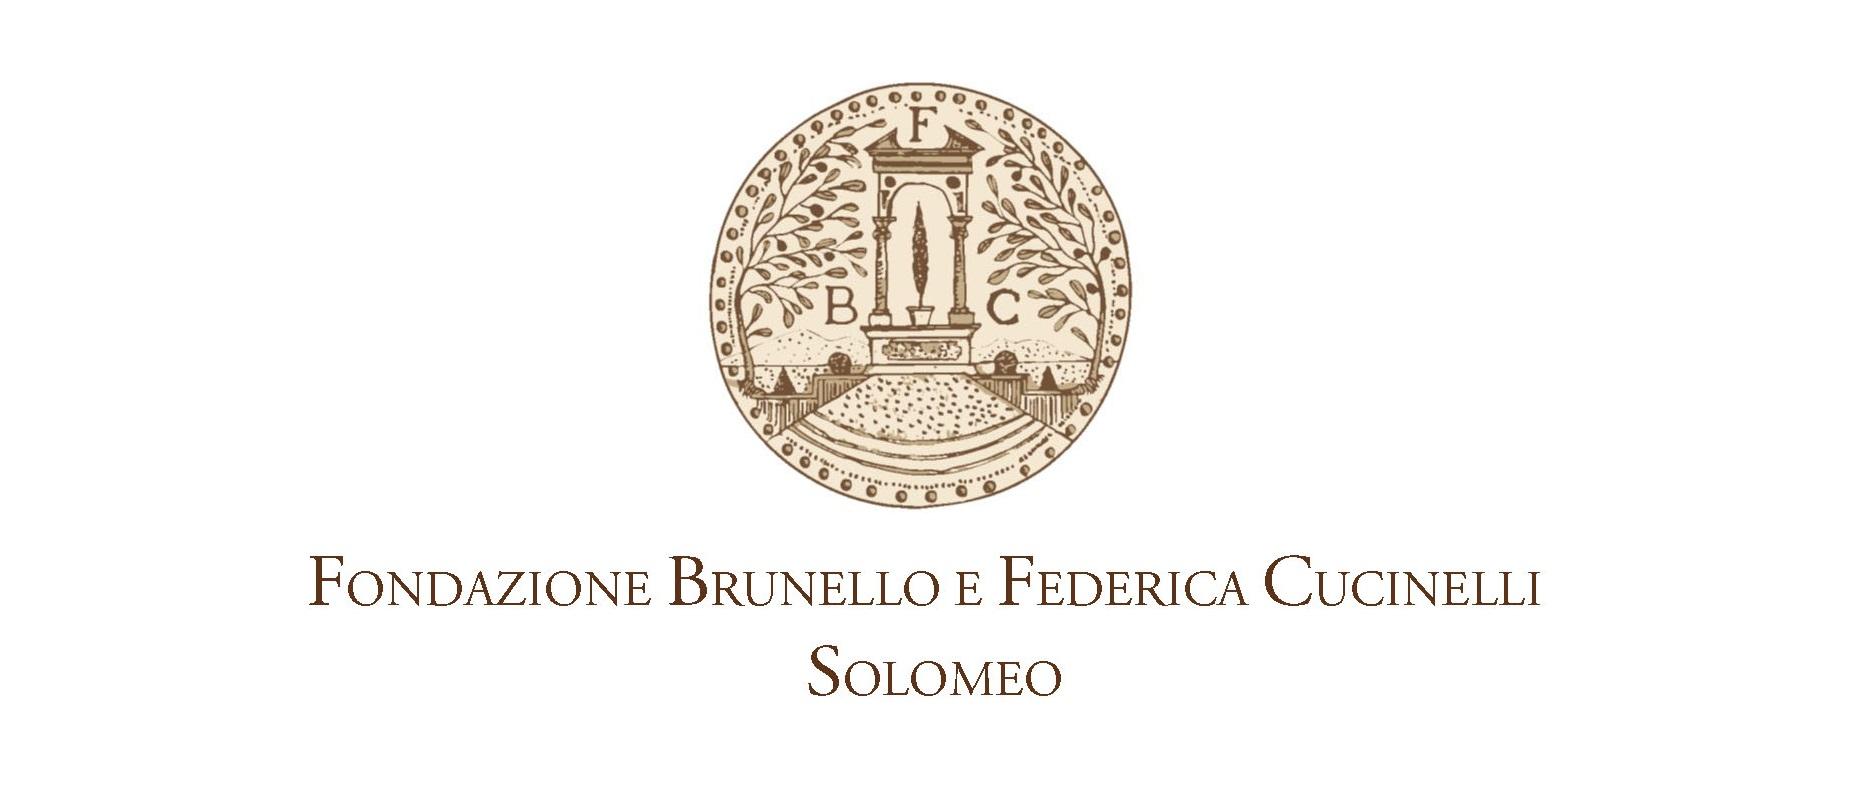 La Fondazione Brunello e Federica Cucinelli